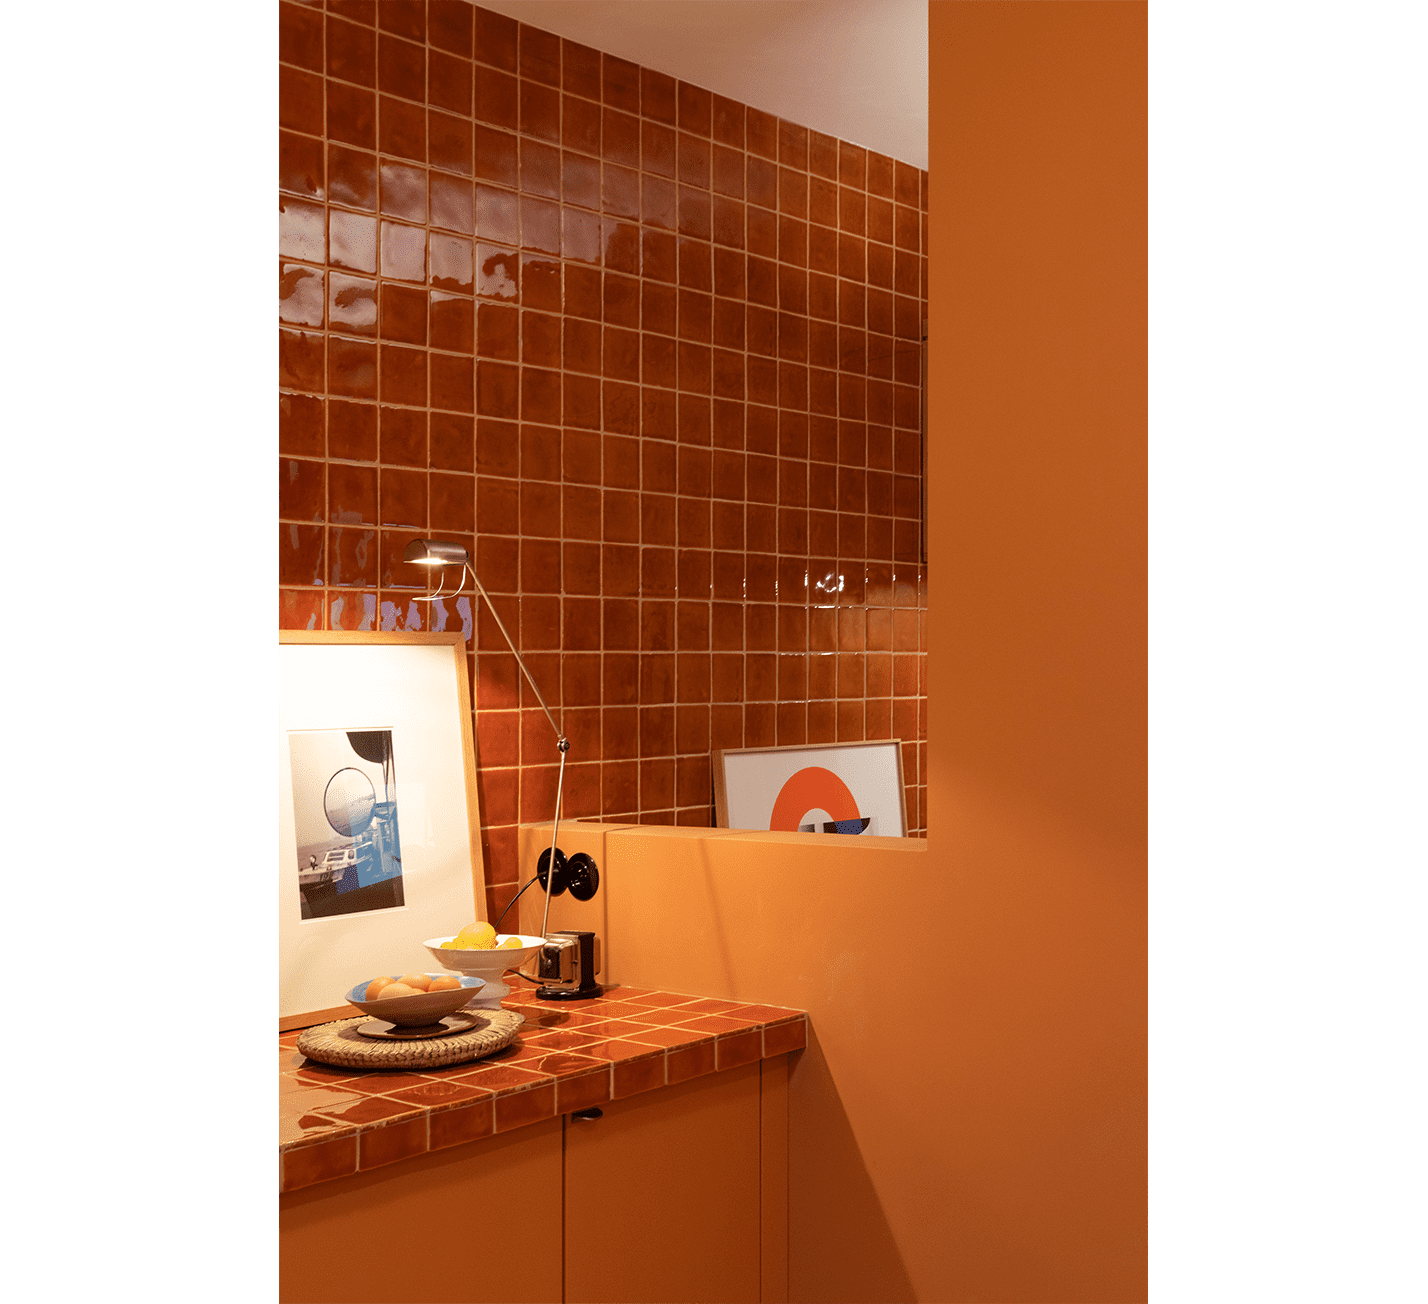 Appartement-Pantin-paris-rénovation-architecture-paris-construction-atelier-steve-pauline-borgia-23